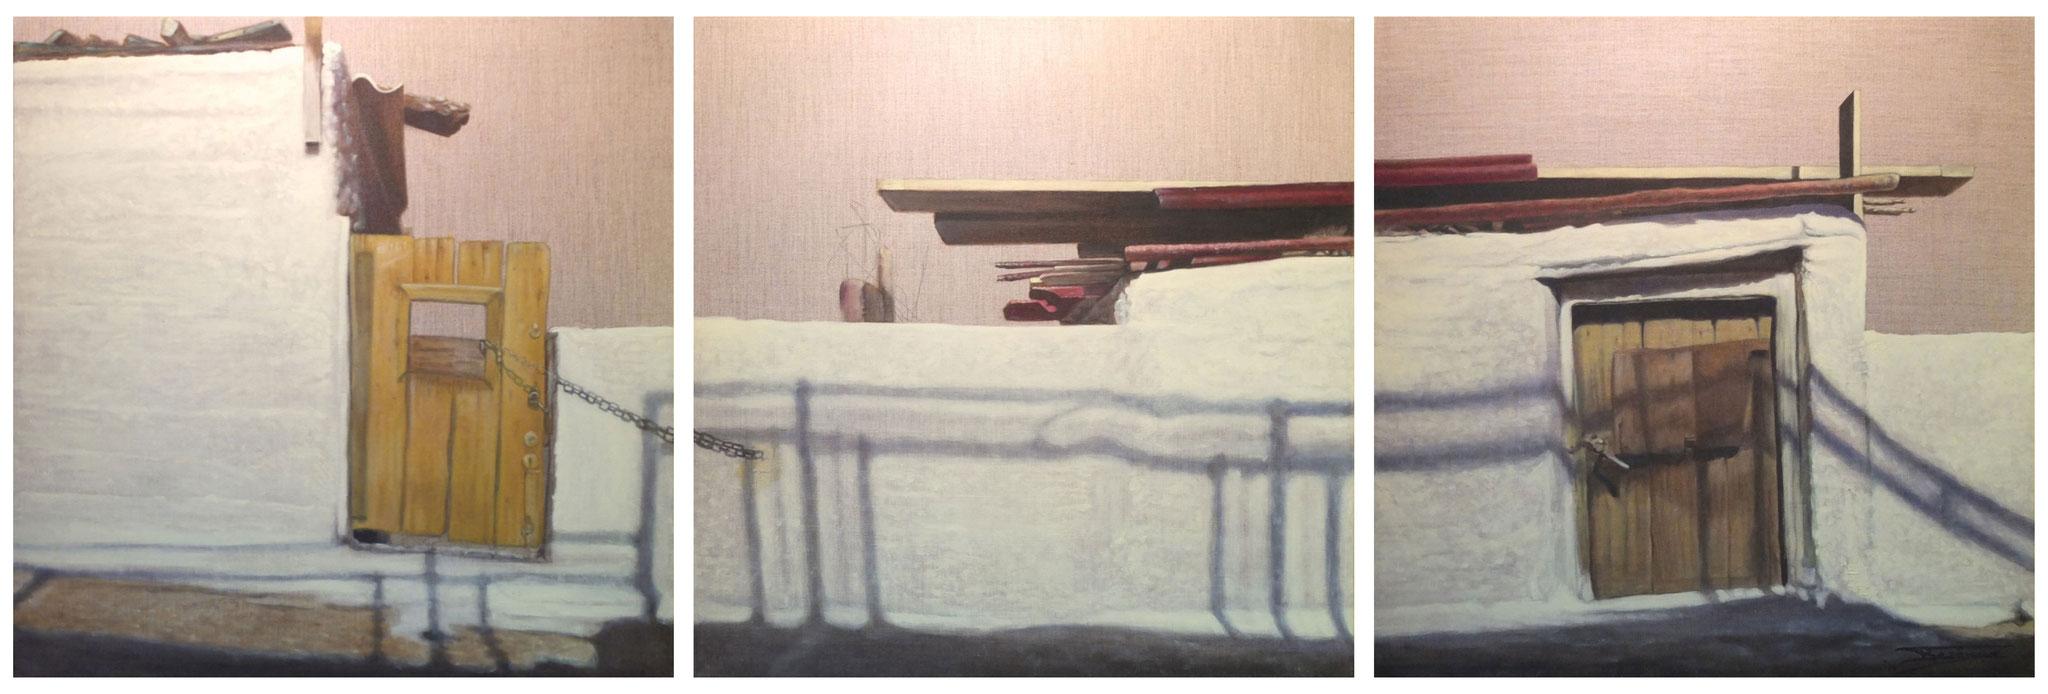 """""""Existension"""" 3x(60x60)cm, Huile sur lin brut, 2014 - Collection privée"""